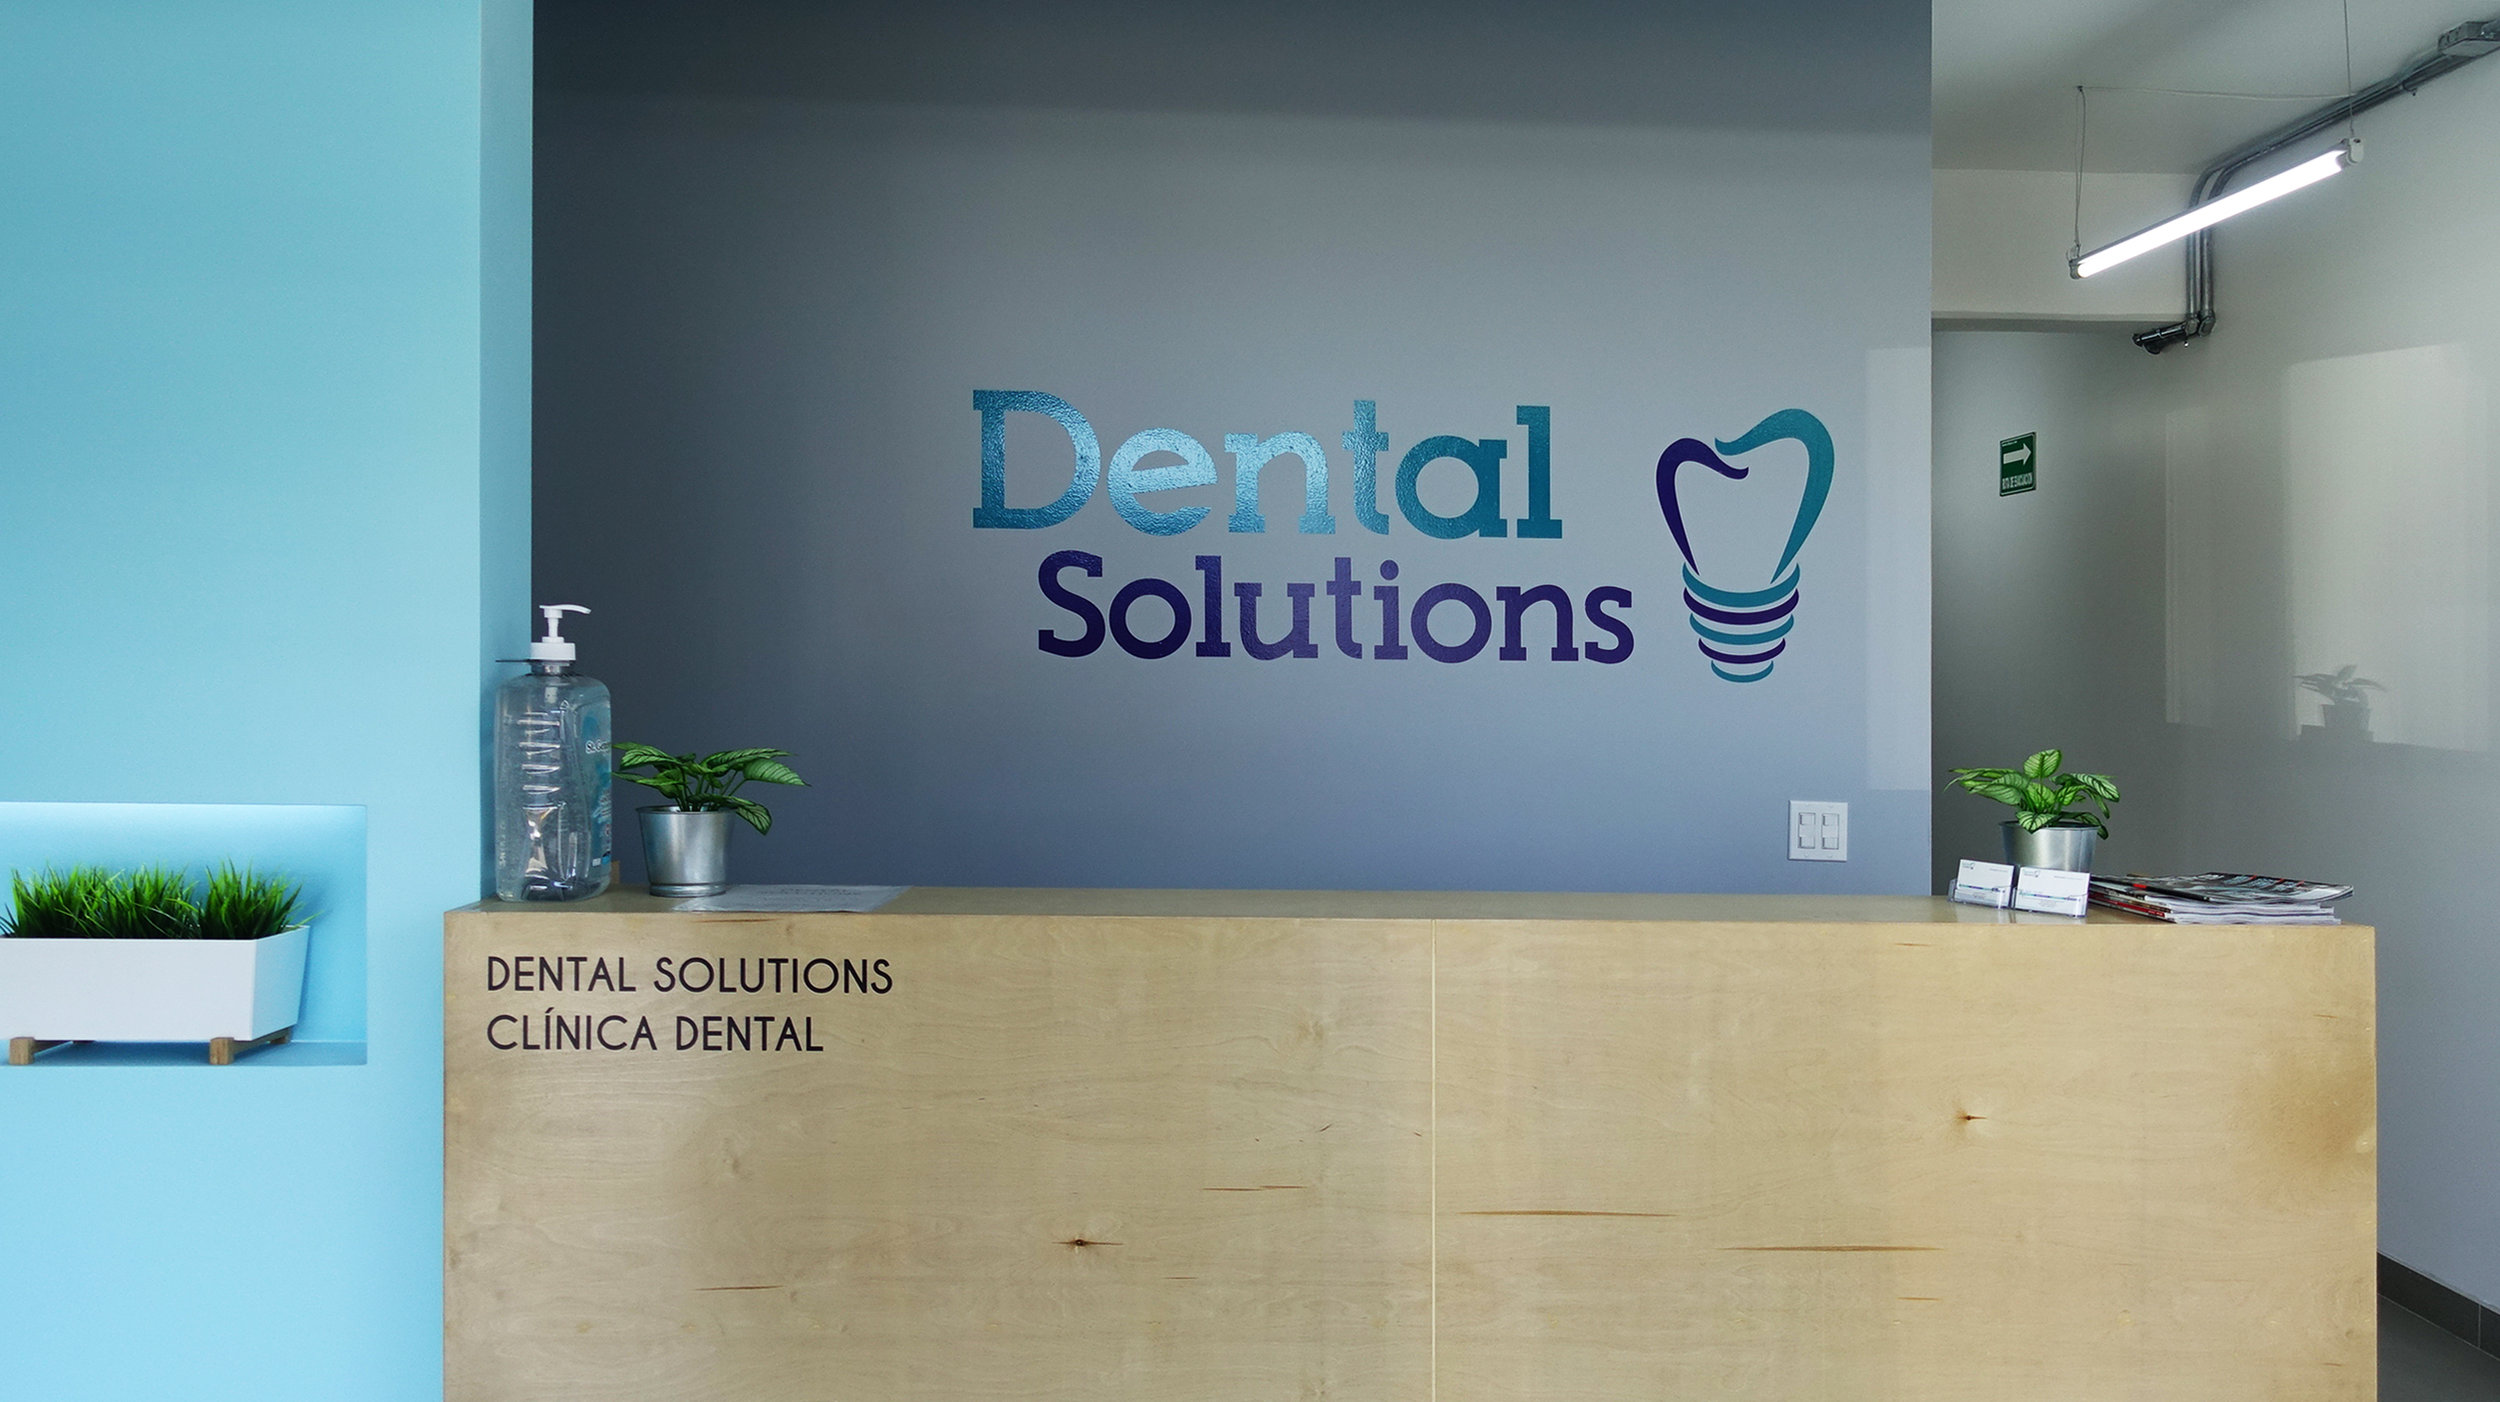 Dental Solutions - Clínica Dental